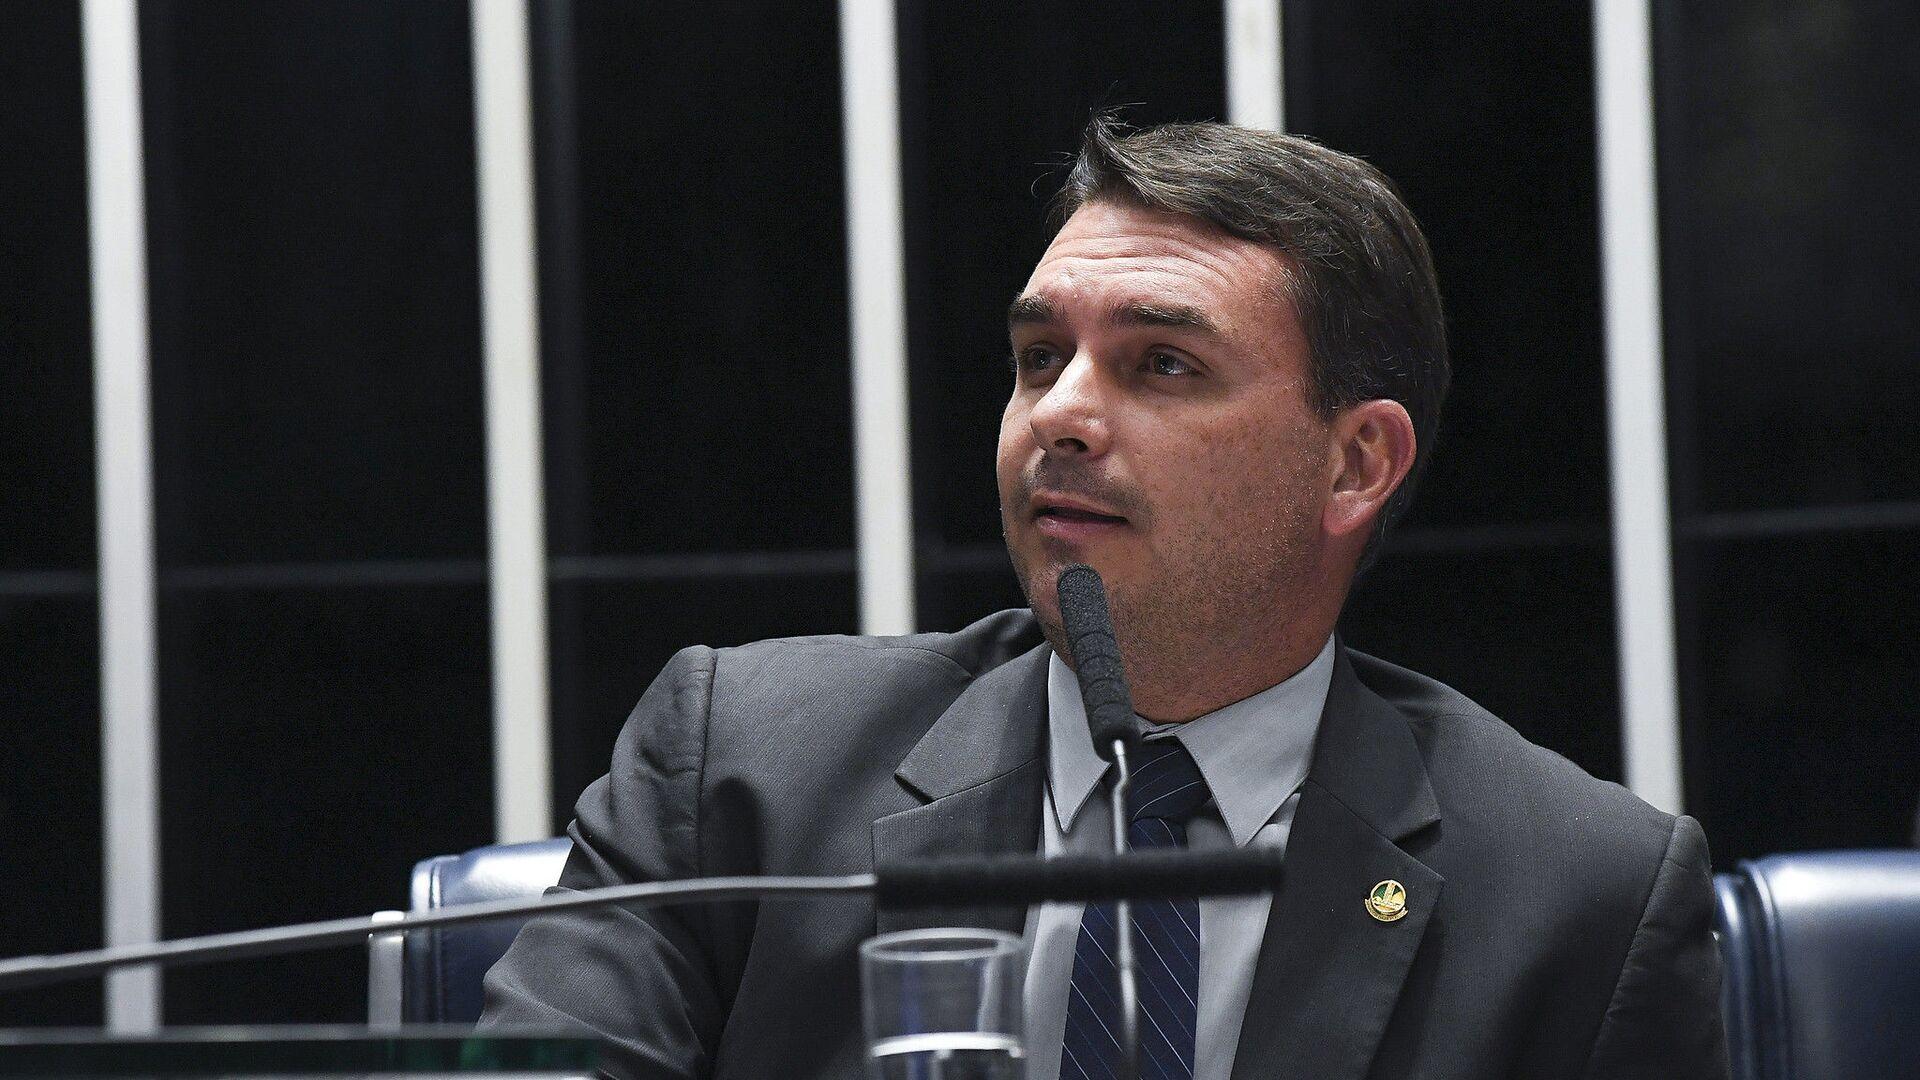 Flávio Bolsonaro, hijo de Jair Bolsonaro y senador de Brasil - Sputnik Mundo, 1920, 02.03.2021